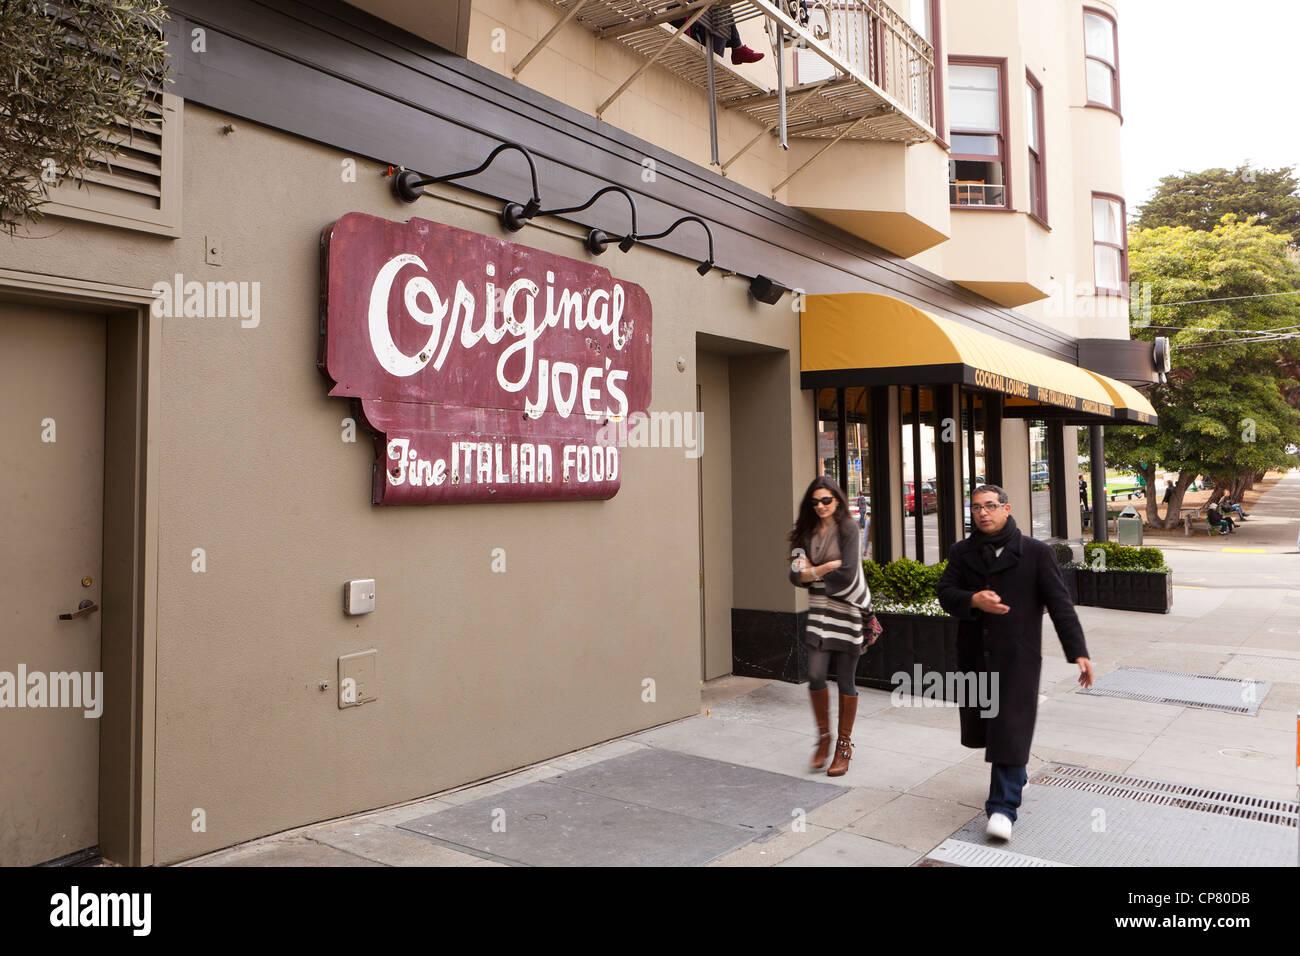 Originale di Joe's restaurant sign in Little Italy, San Francisco Immagini Stock